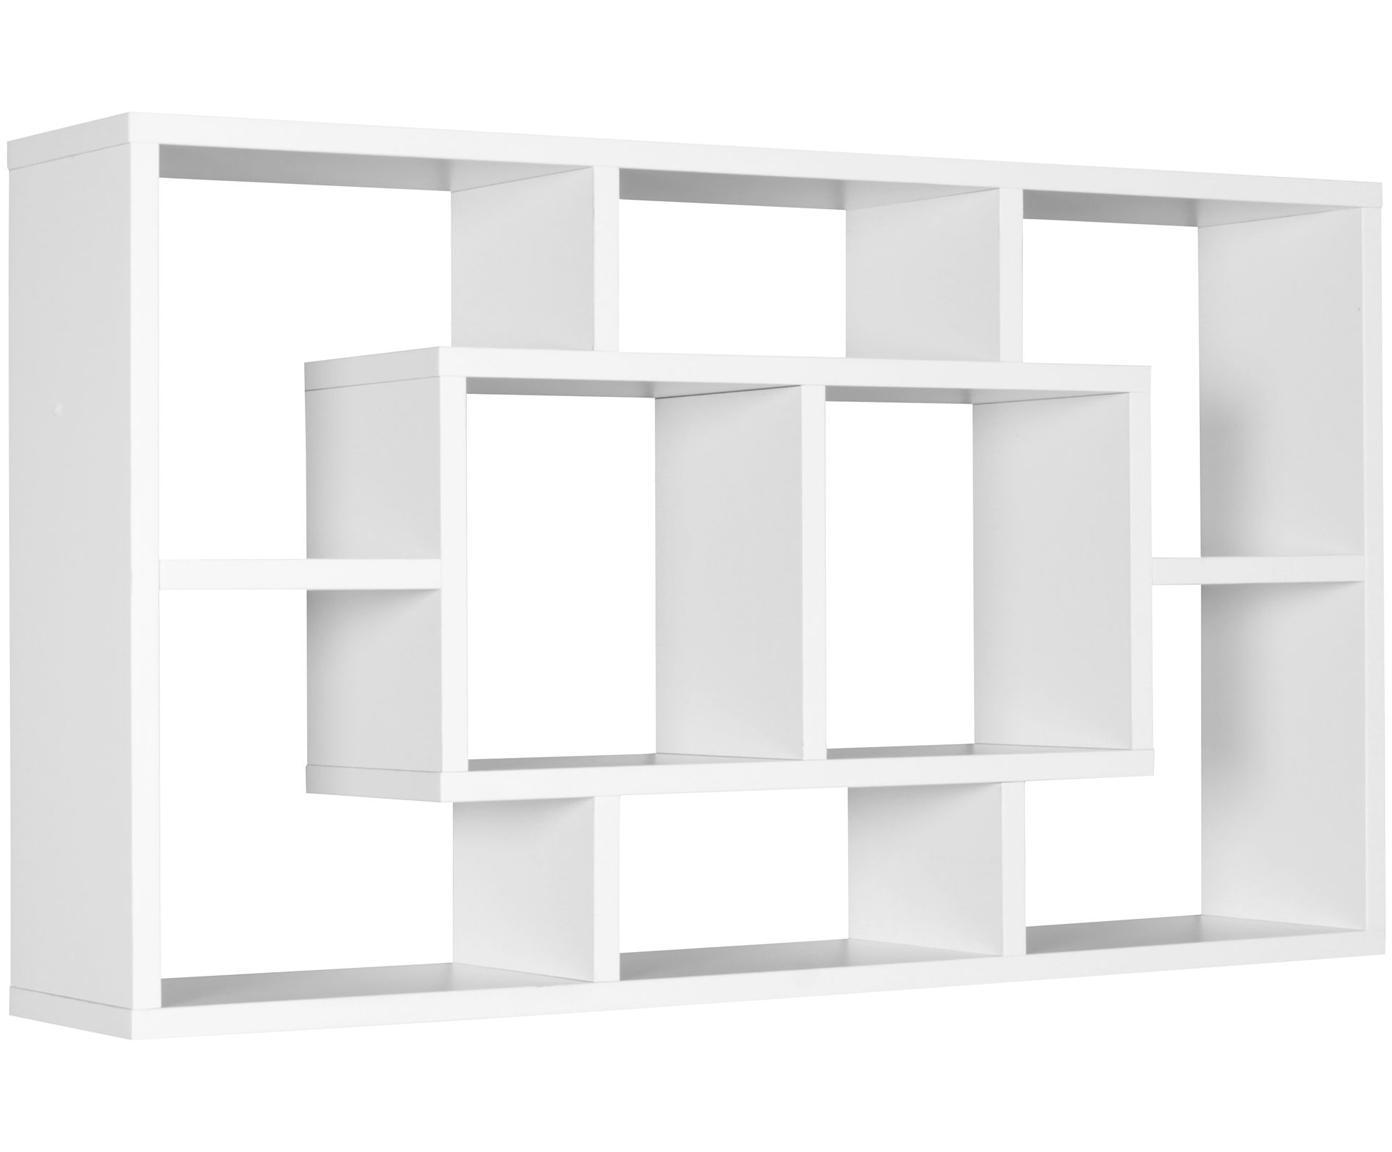 Półka ścienna Alex, Płyta pilśniowa średniej gęstości (MDF), fornirowana, powlekana melaminą, Biały, S 85 x W 48 cm